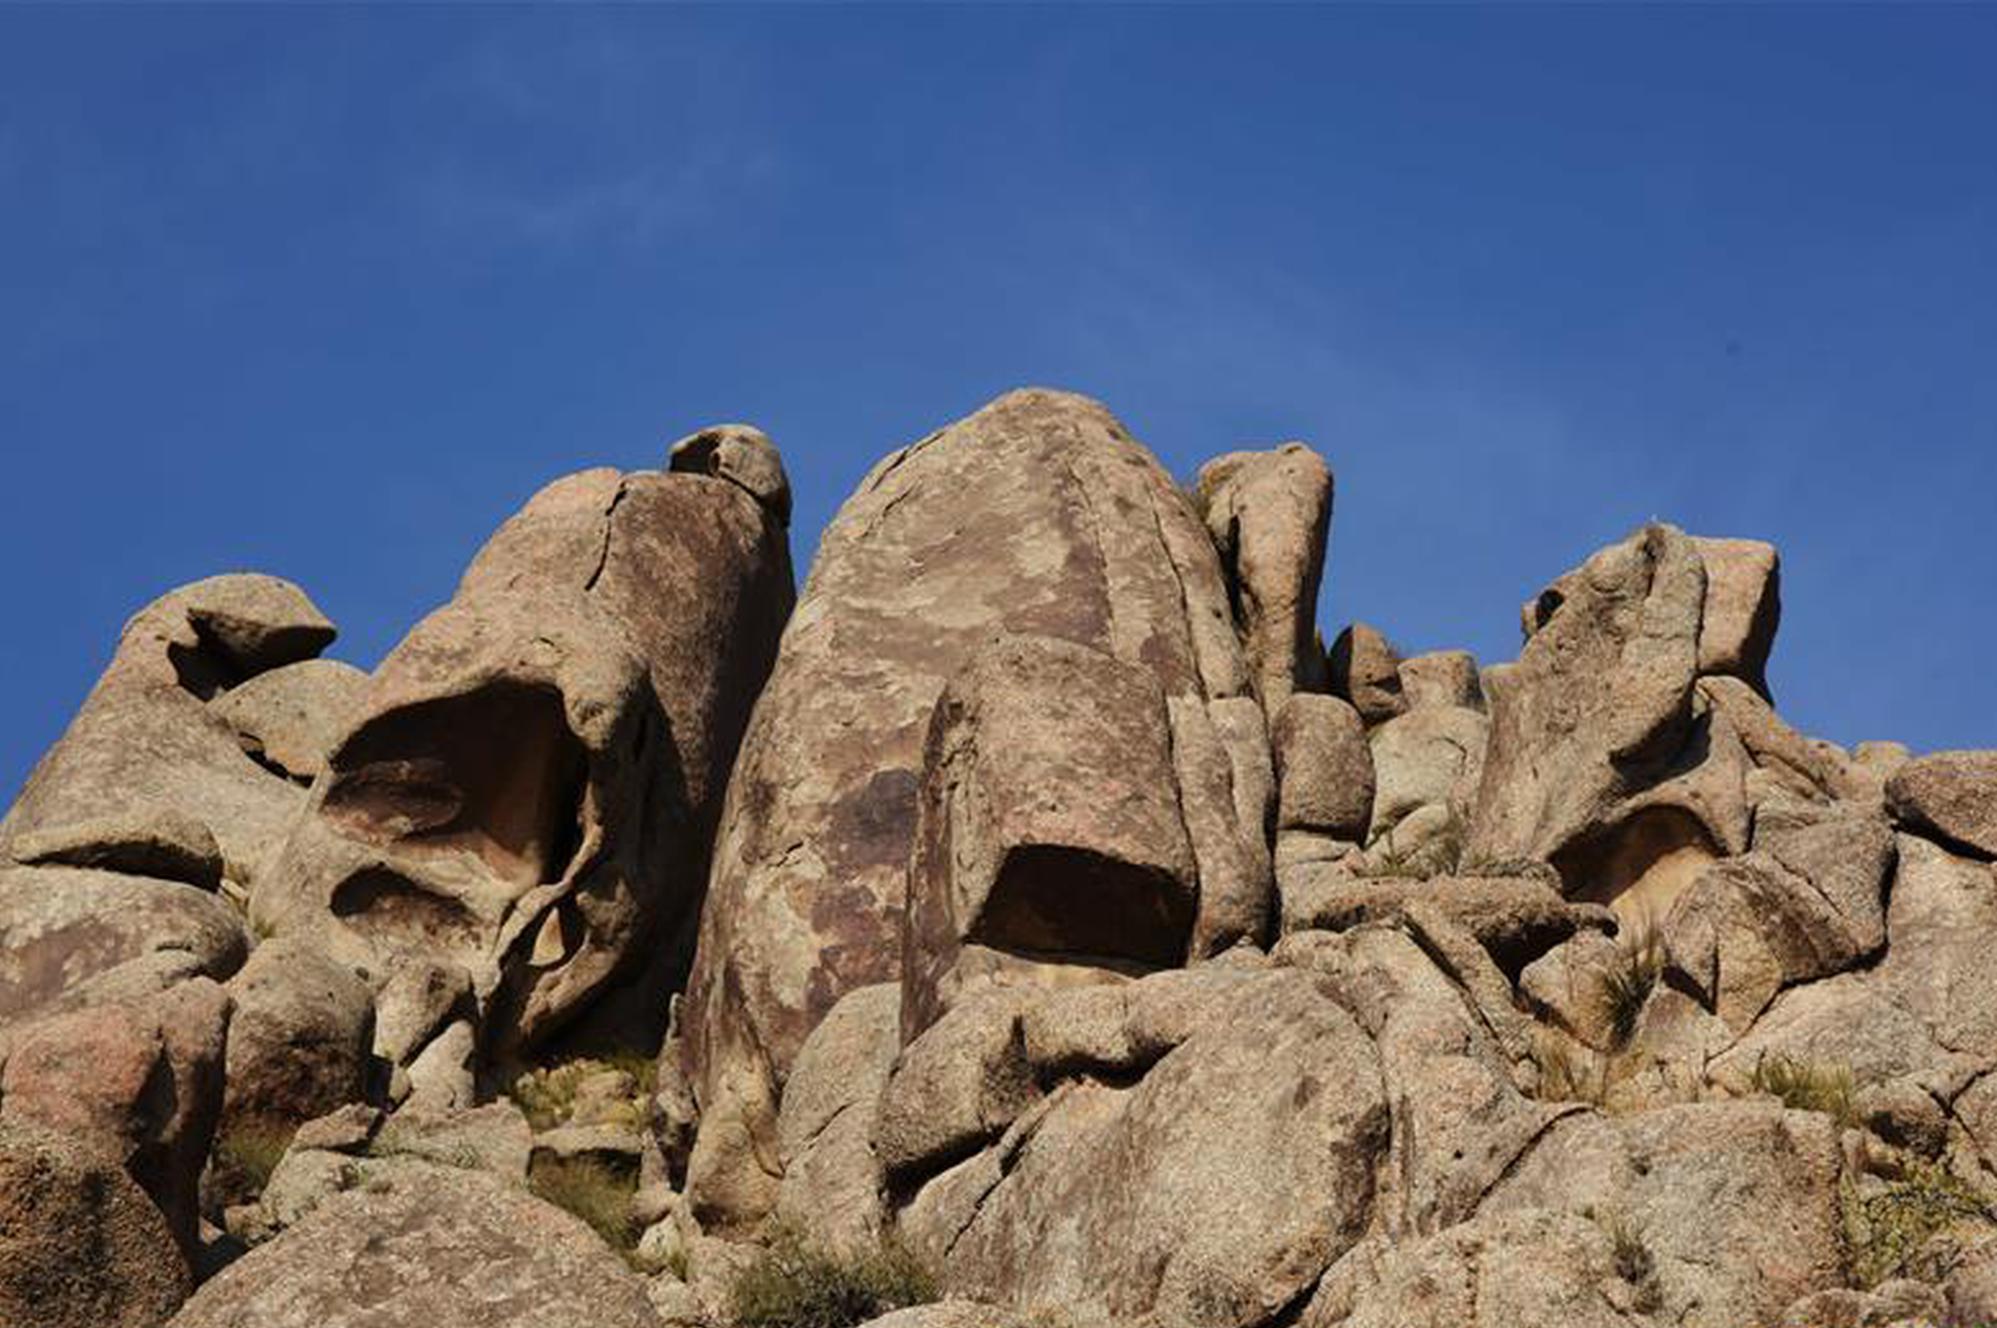 曼德拉山:岩画和怪石编织的秘境